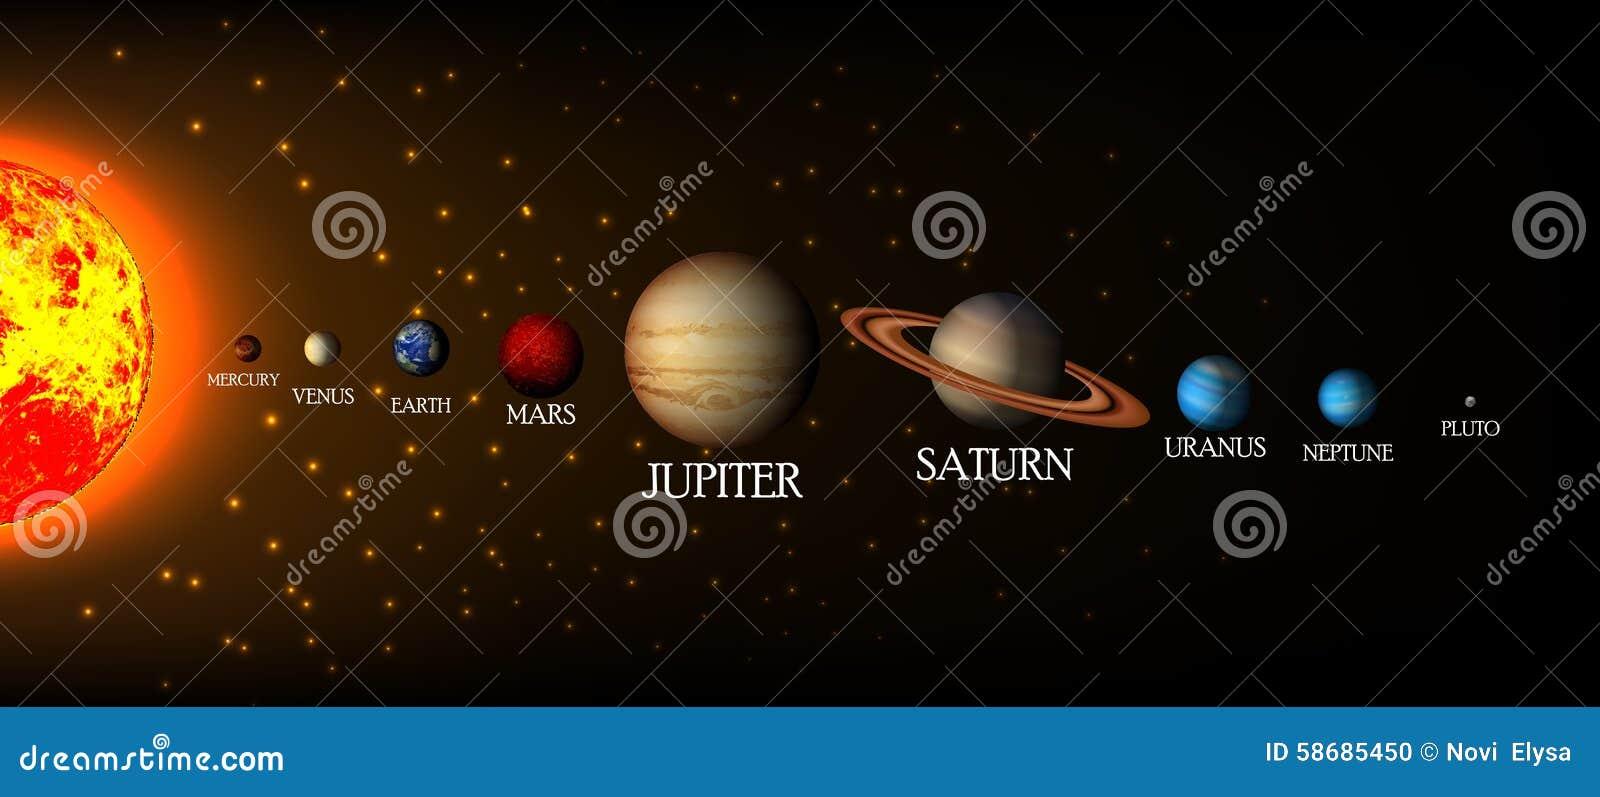 les planetes du systeme solaire pdf